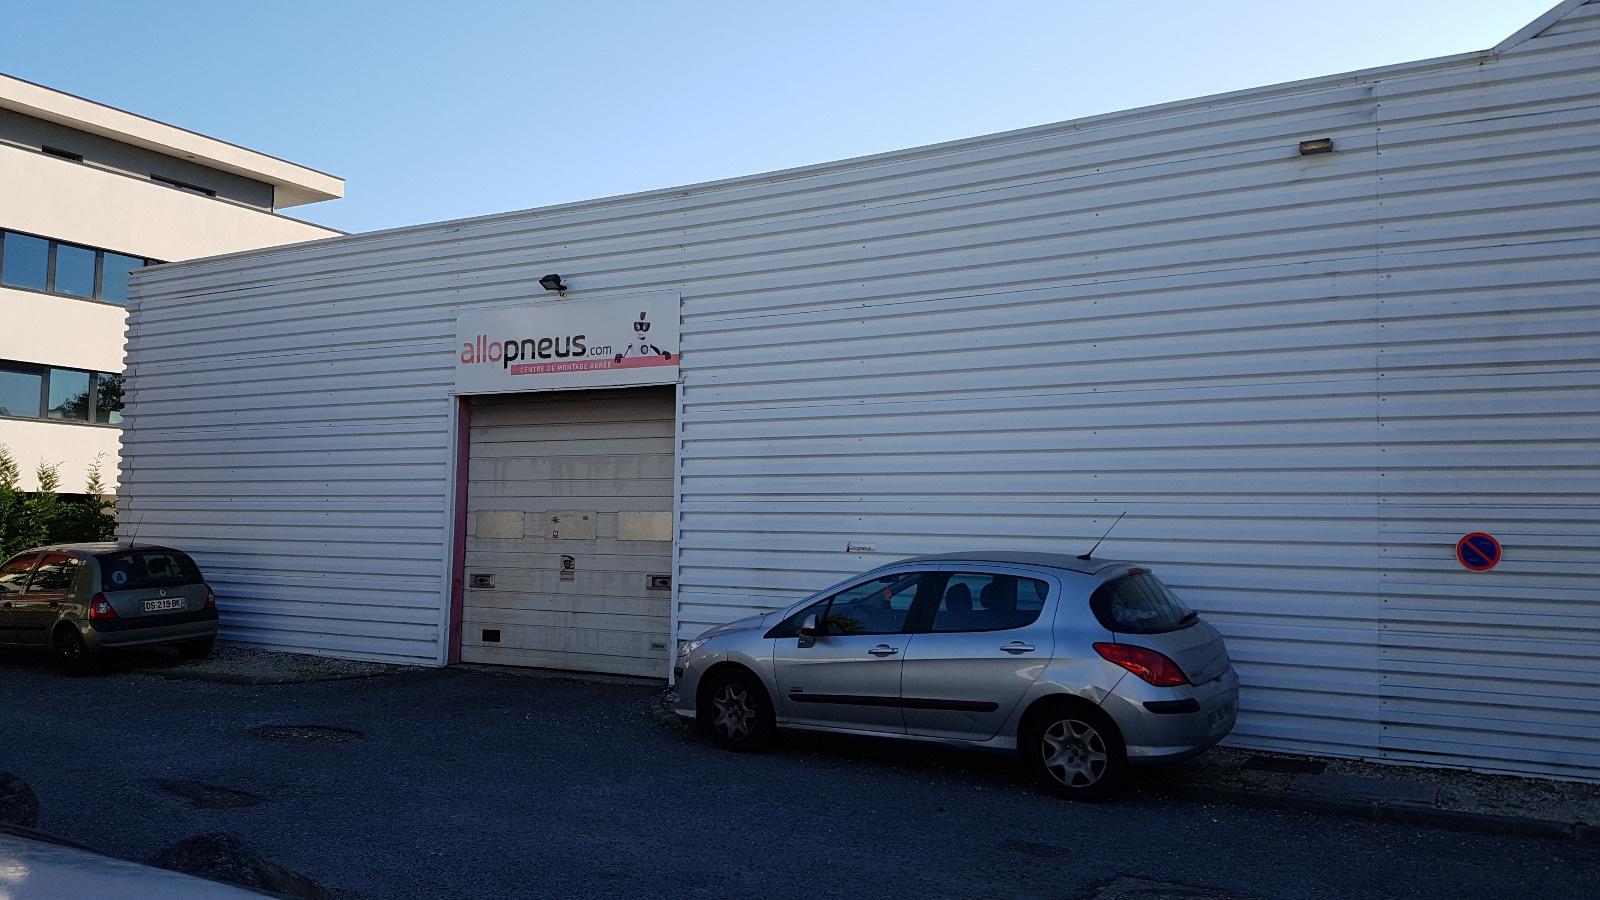 Vente Immobilier Professionnel Entrepôt Mérignac (33700)